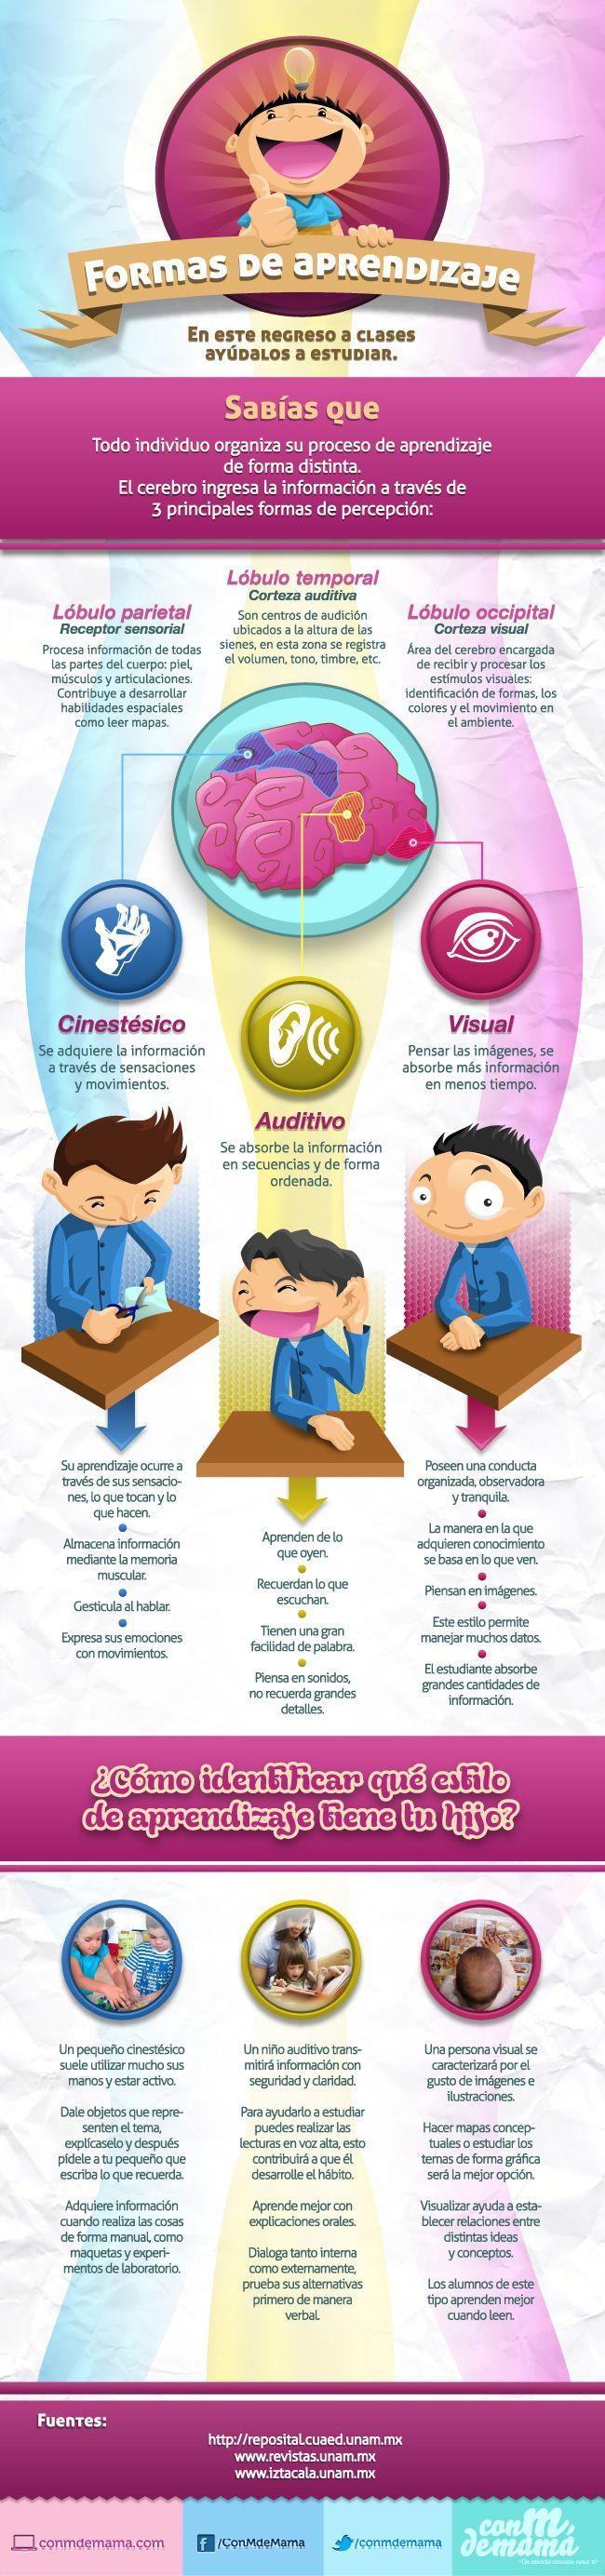 """Hola: Compartimos una interesante infografía sobre """"Aprendizaje - 3 Formas de Percepción Cerebral"""" Un gran saludo.  Visto en: conmdemama.com  Recomendar un tema ____ :) ____ Preguntar/R..."""